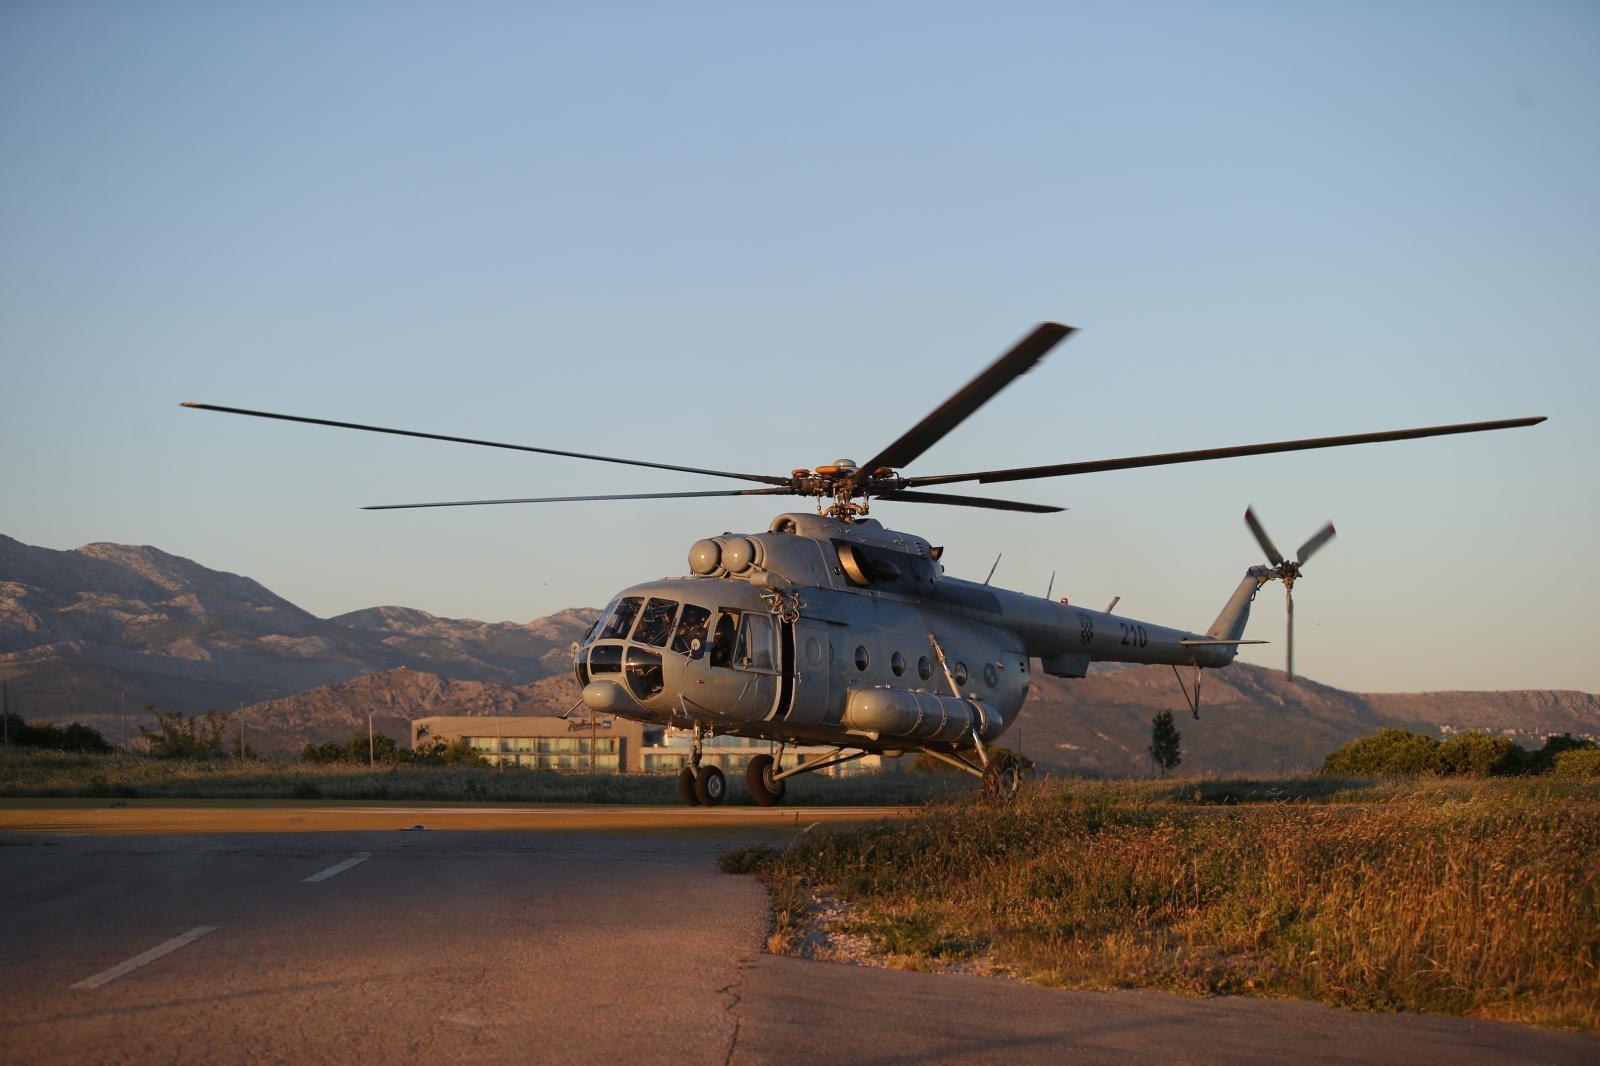 Nakon obuke MORH-ovim helikopterom otišli u krivolov na vepra na Dinari